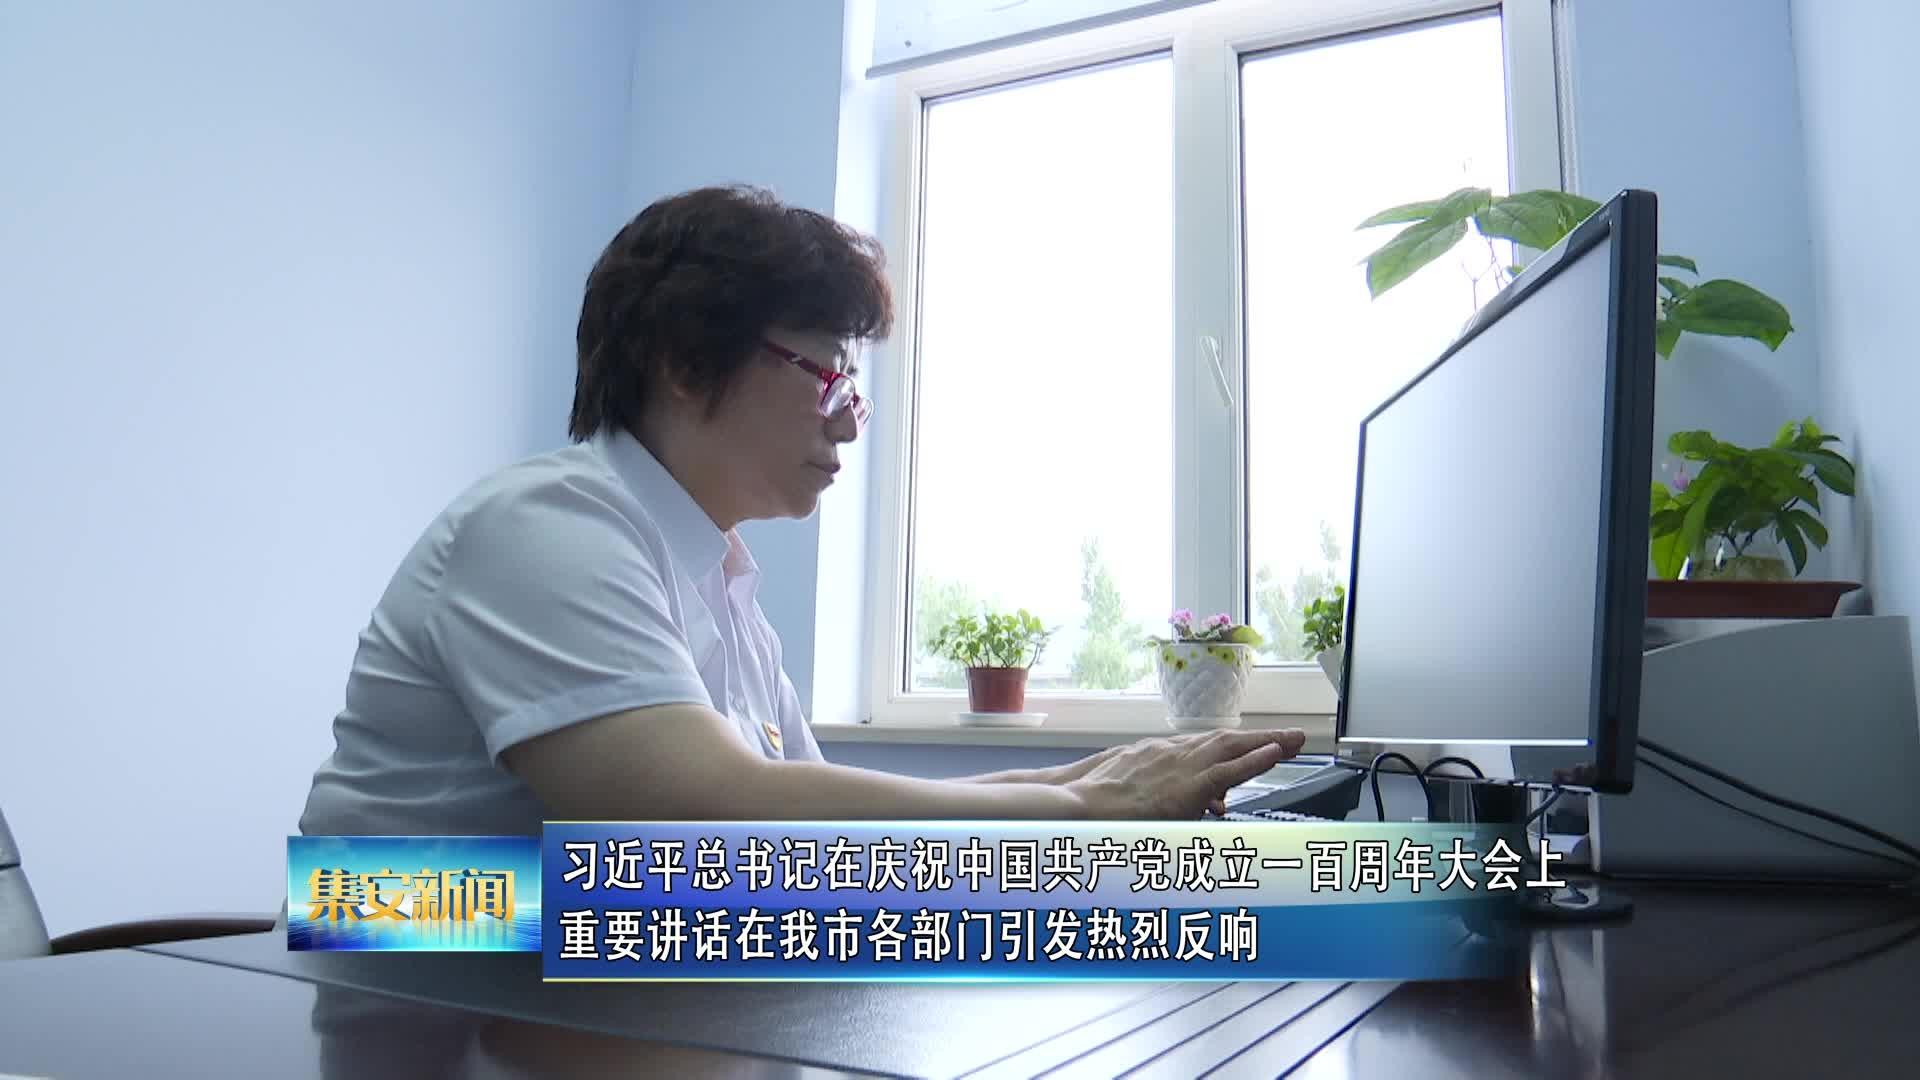 习近平总书记在庆祝中国共产党成立一百周年大会上重要讲话在我市各部门引发热烈反响